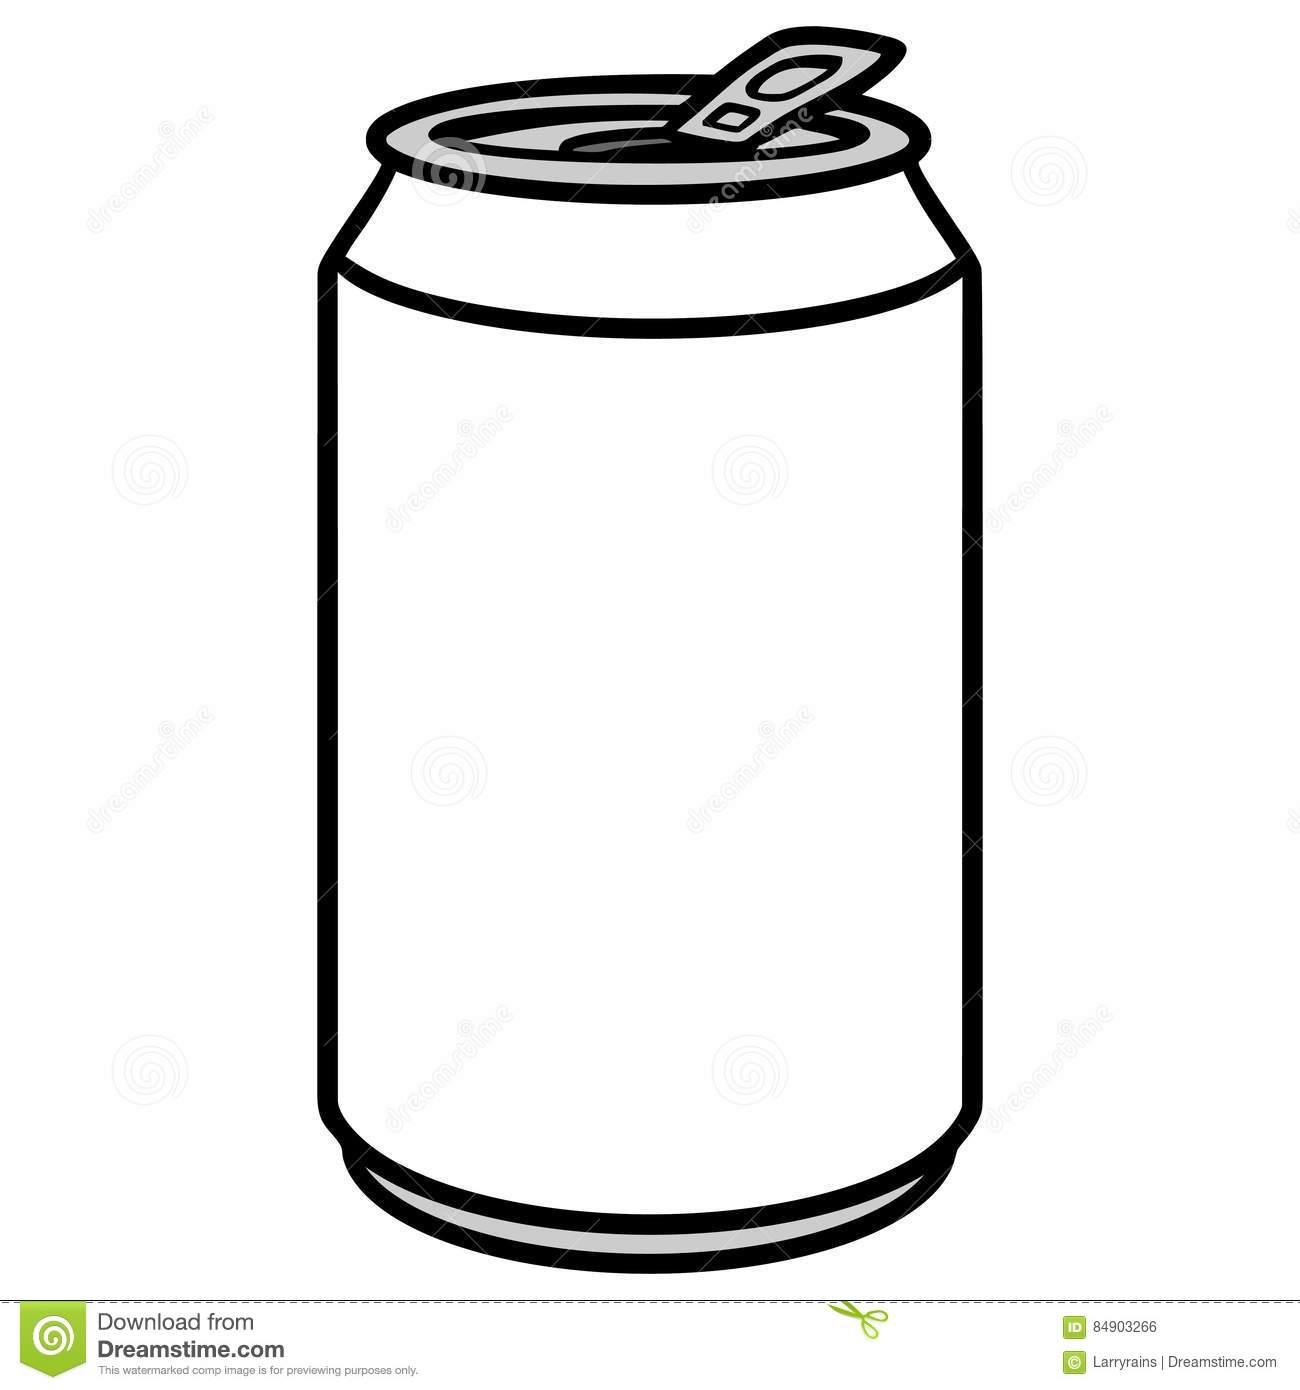 Soda Can Illustration stock vector. Illustration of soda.